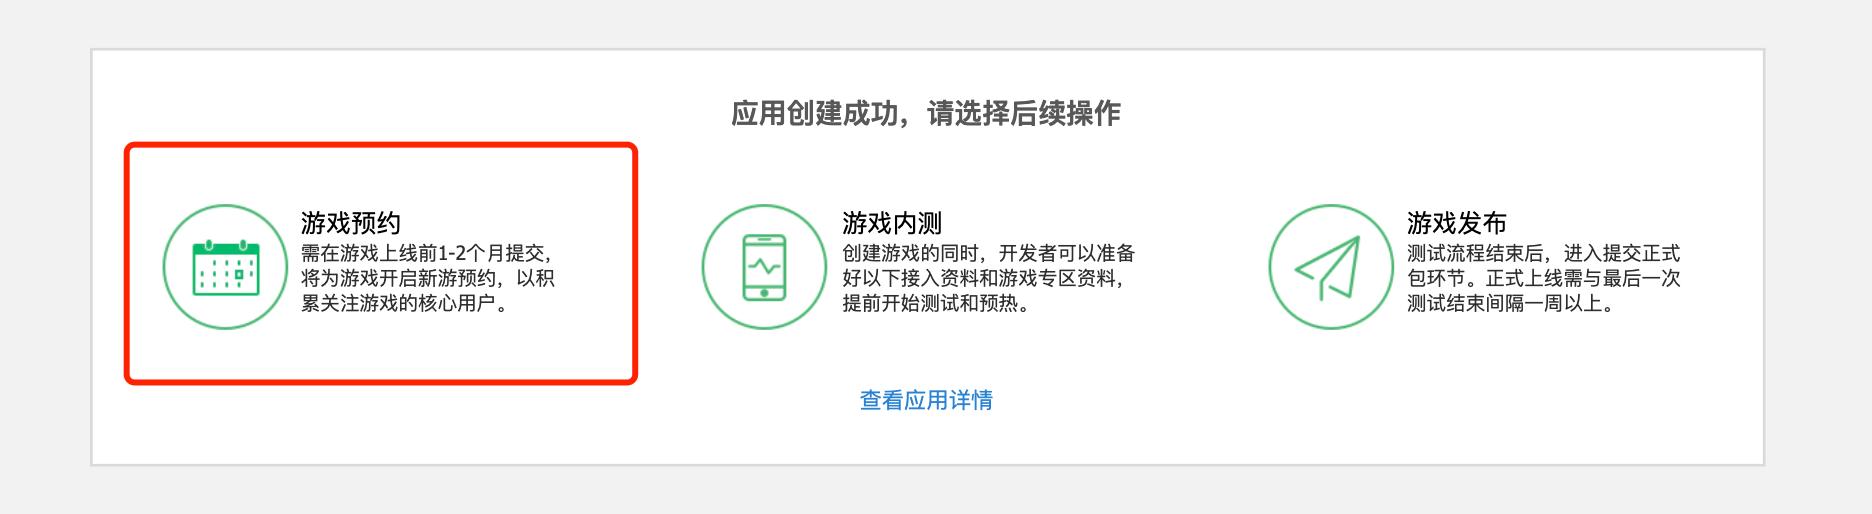 youxiyuyue_020.png